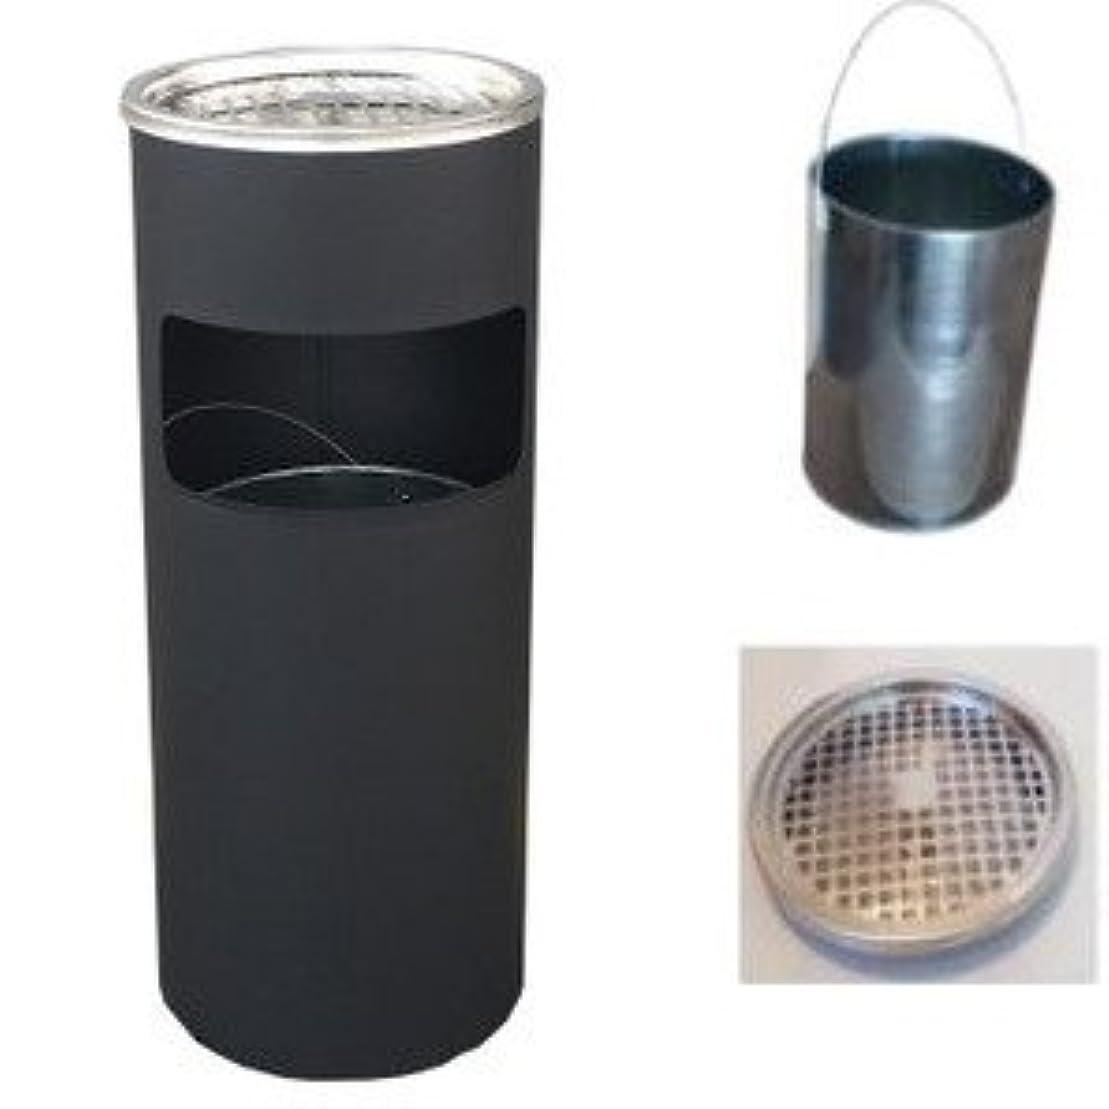 隔離花にじみ出るゴミ箱 灰皿 ゴミ箱付き灰皿A-085B、業務用ゴミ箱(ブラック)、スタンド灰皿、屋外灰皿、喫煙所、スタンド型灰皿、屋外用灰皿、べランダ、ごみ箱、業務用ごみ箱、灰皿付きゴミ箱